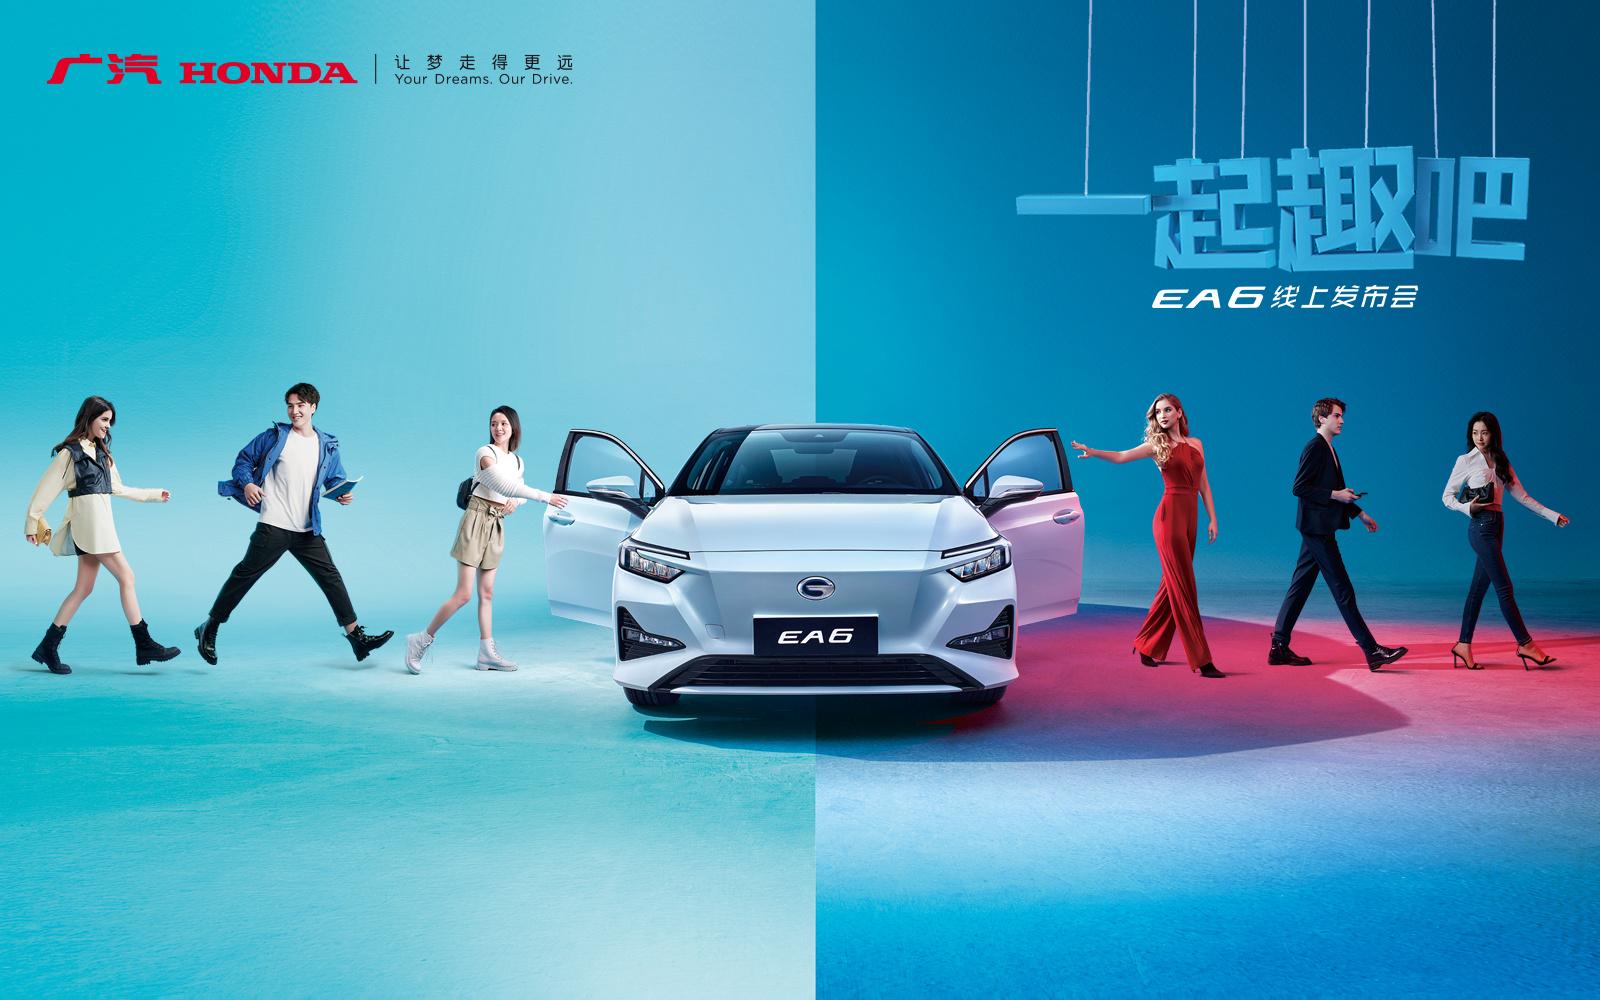 广汽<font color='red'>本田</font>首款纯电动轿车EA6上市发布会